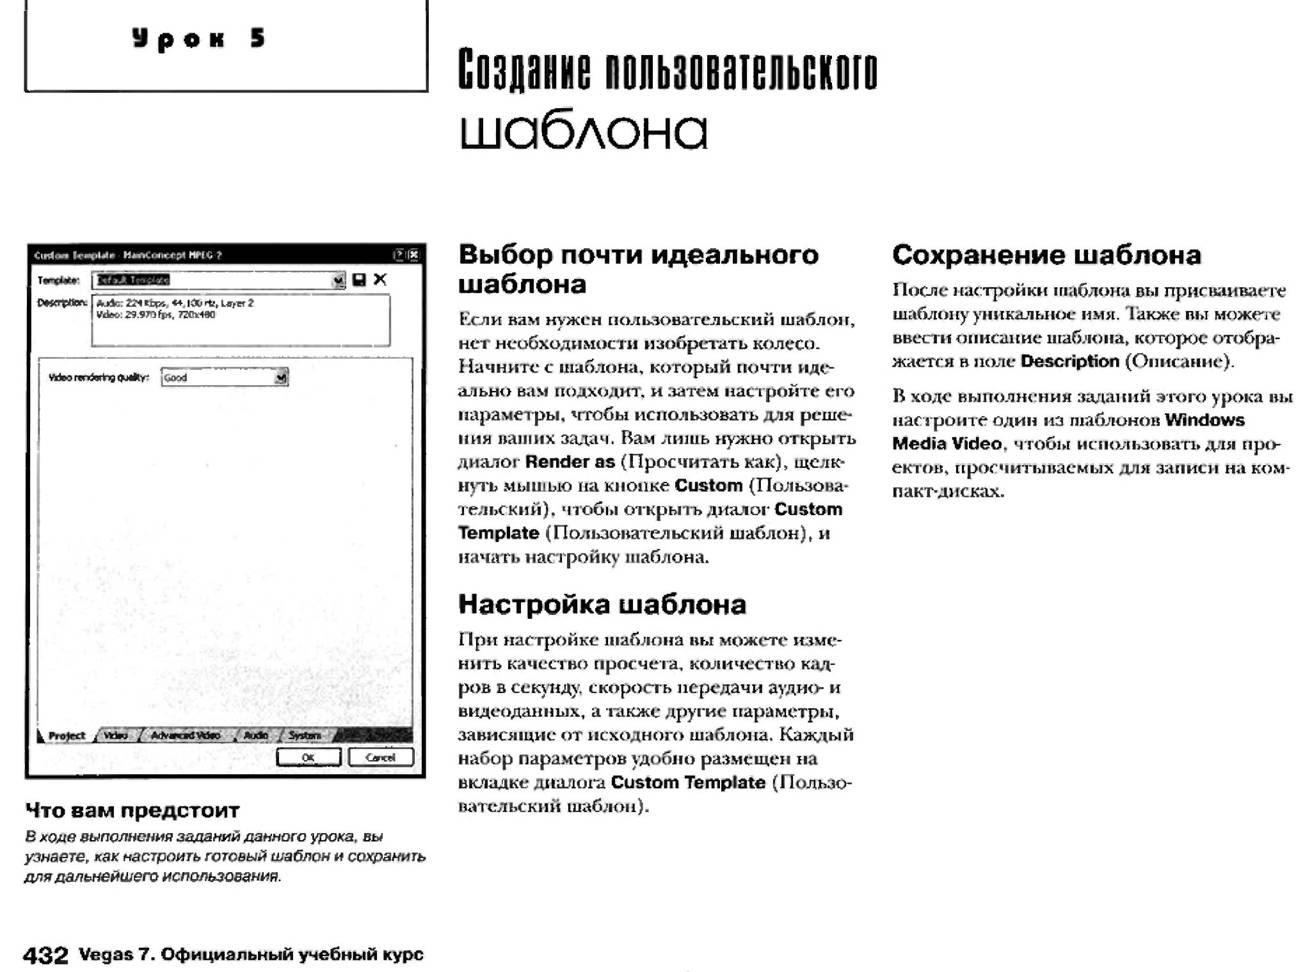 http://redaktori-uroki.3dn.ru/_ph/12/73243558.jpg